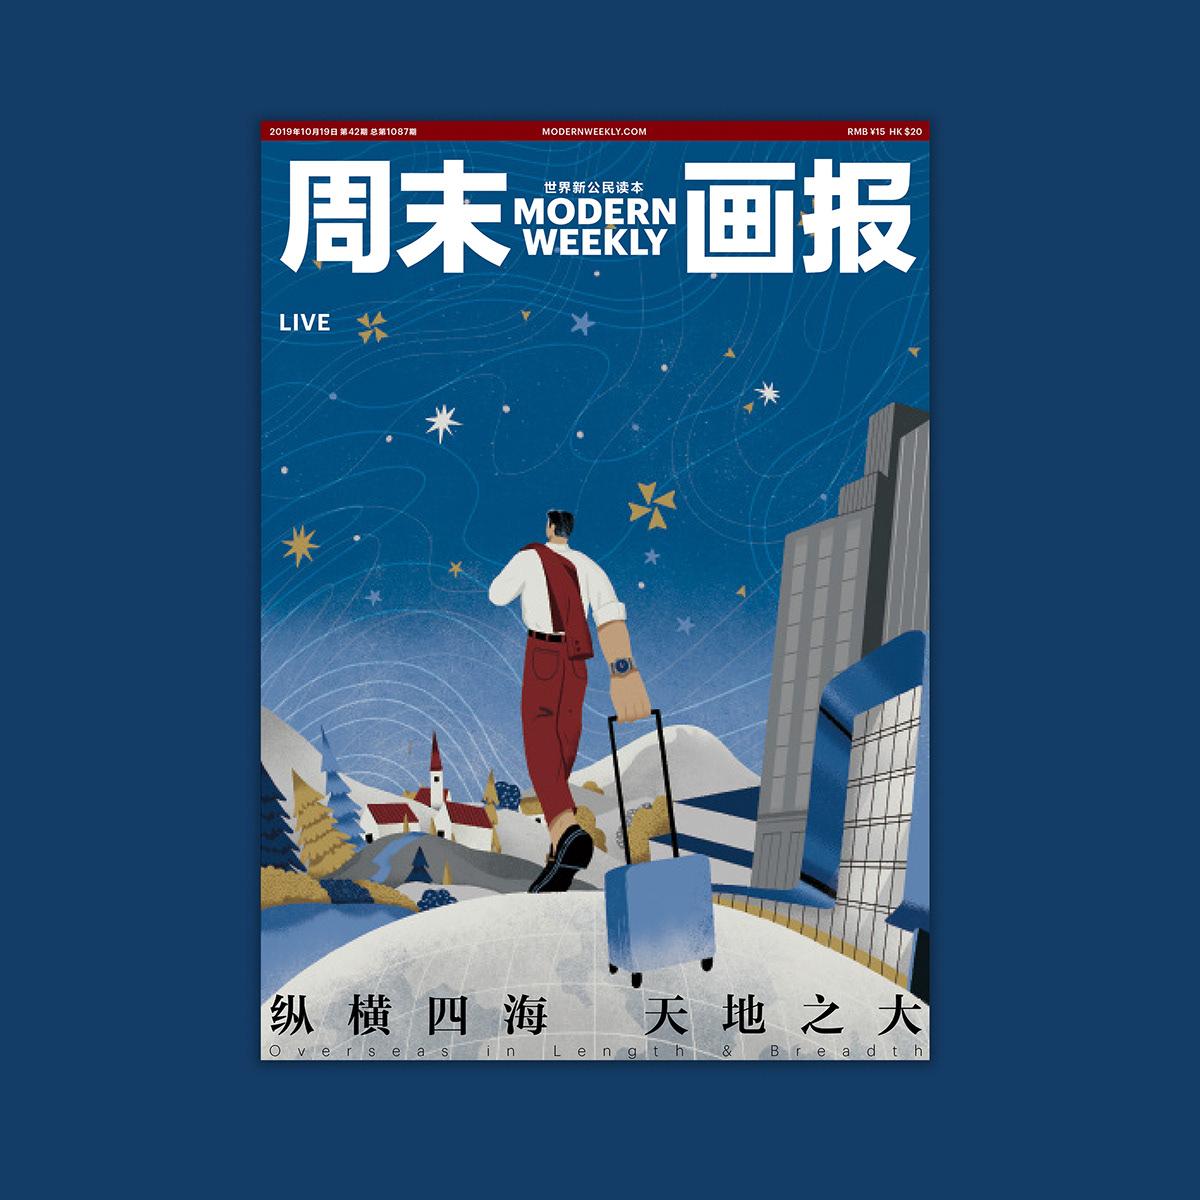 Image may contain: skiing, poster and screenshot